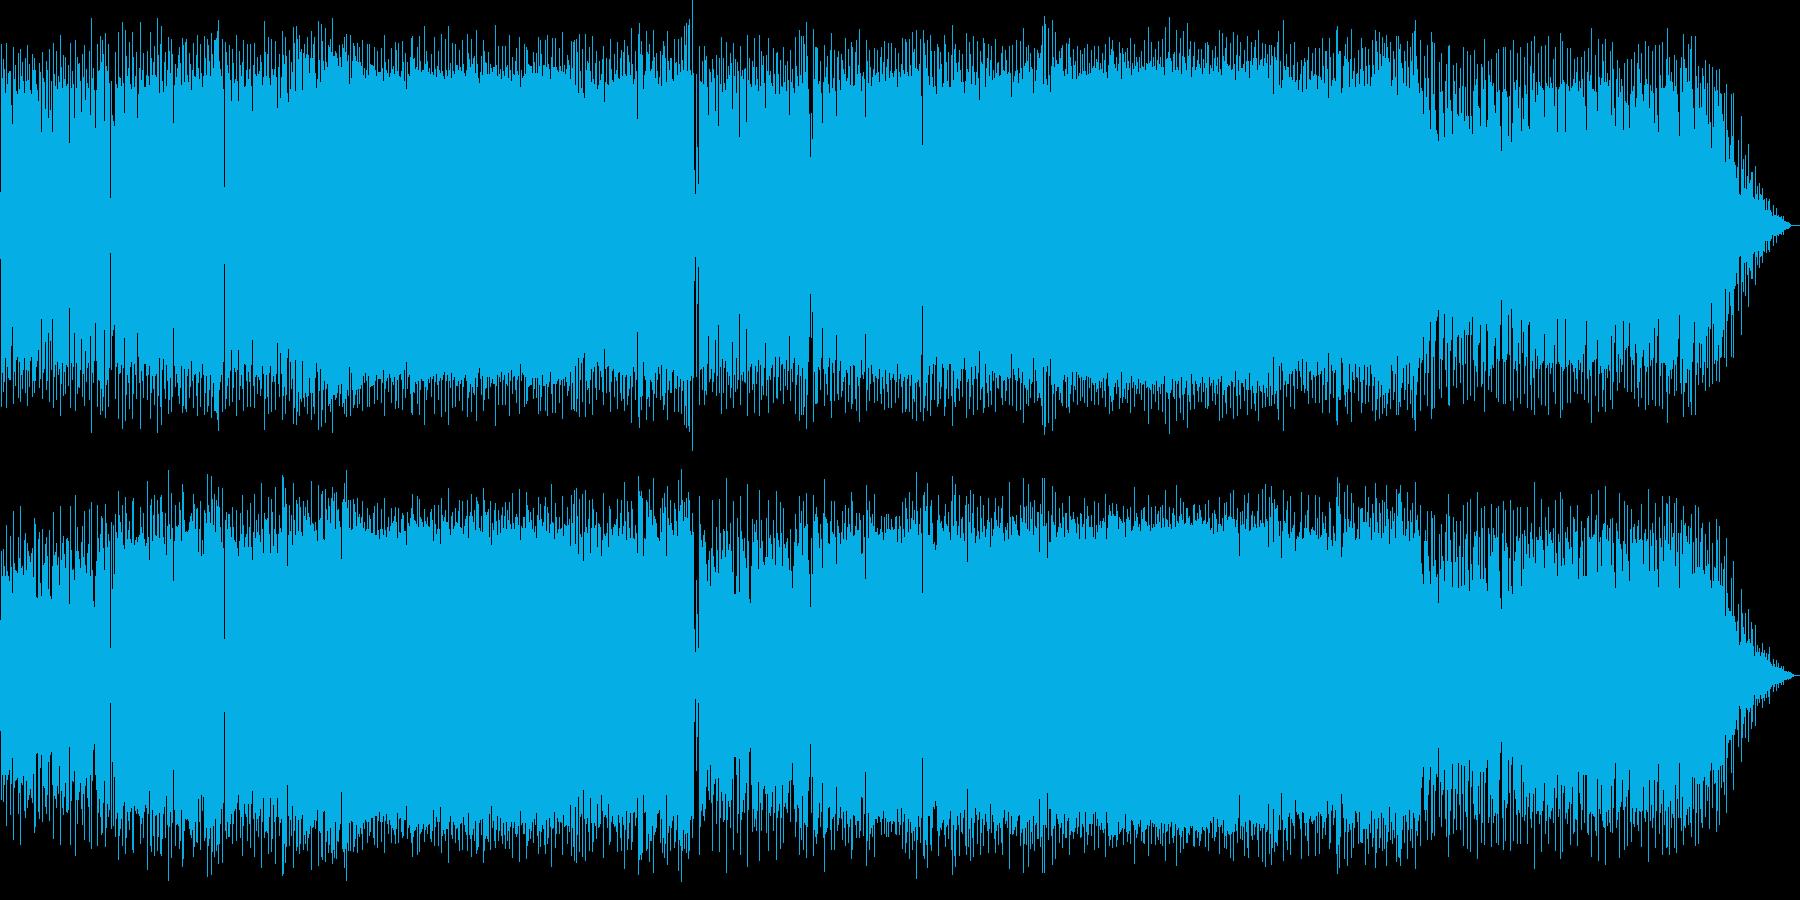 クールで活気あるサマーミュージックの再生済みの波形